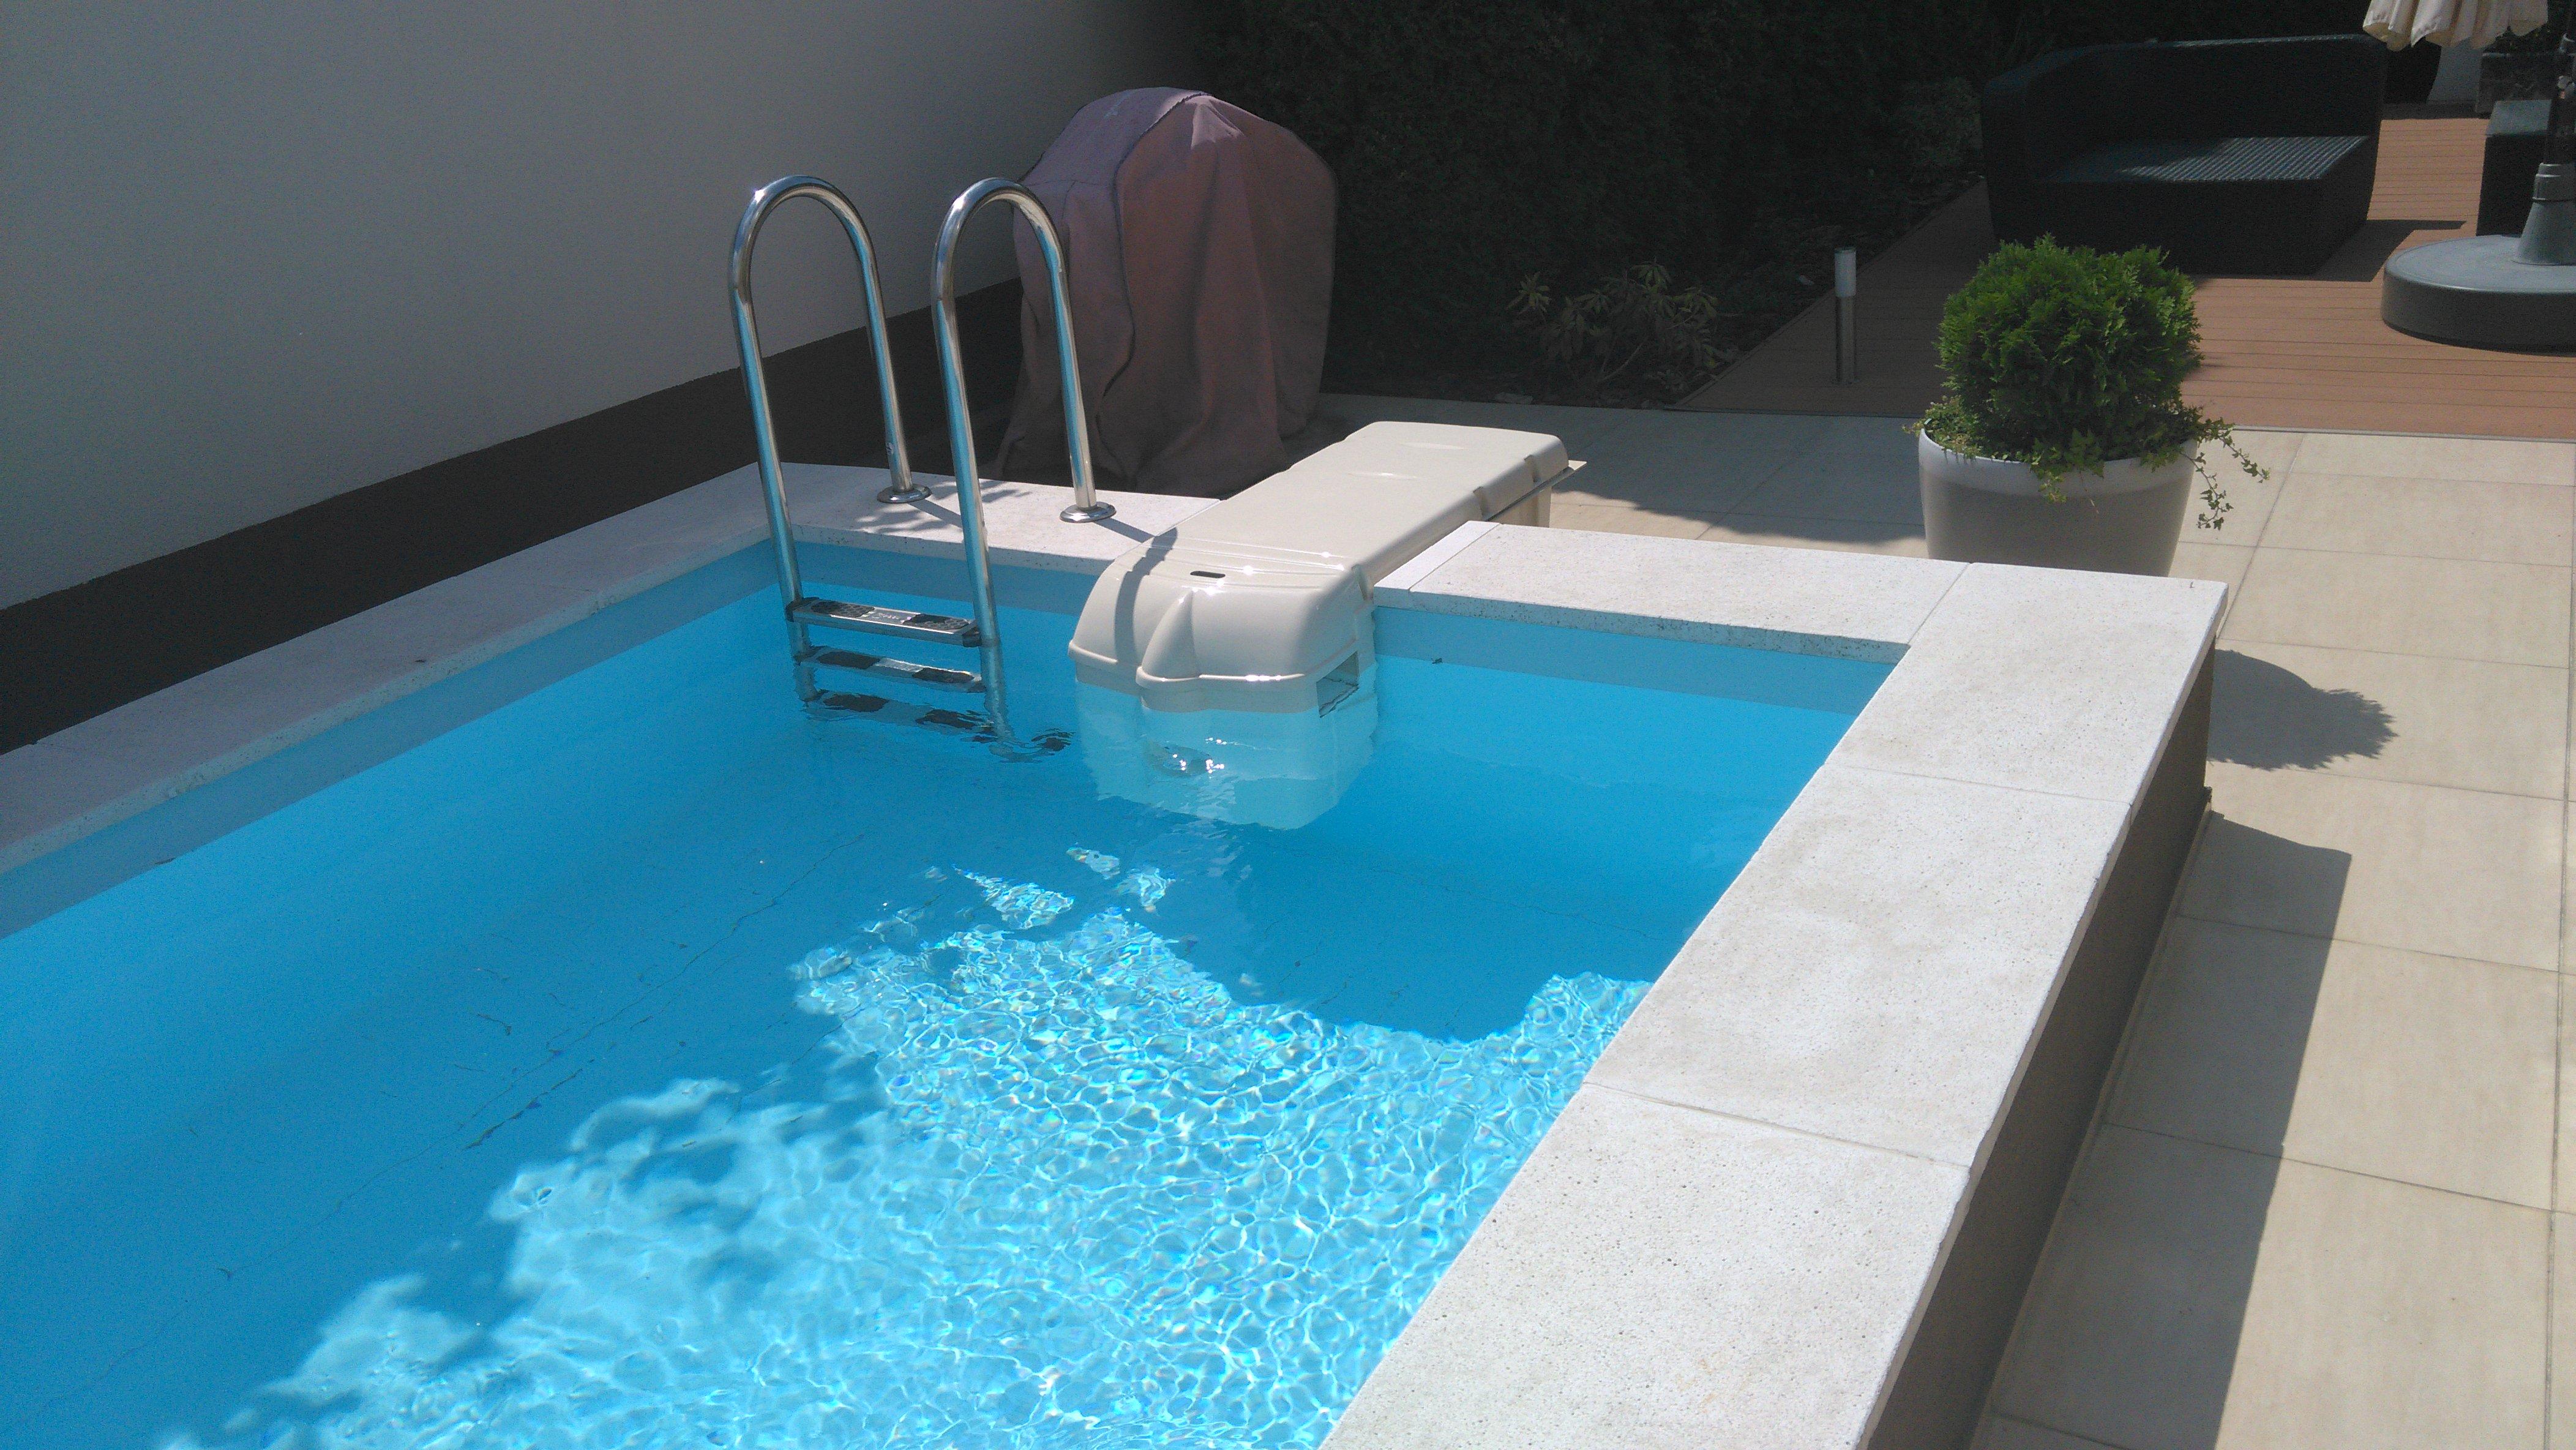 bazén 5x3x1,2m částečně zapuštěný- fólie Alkorplan